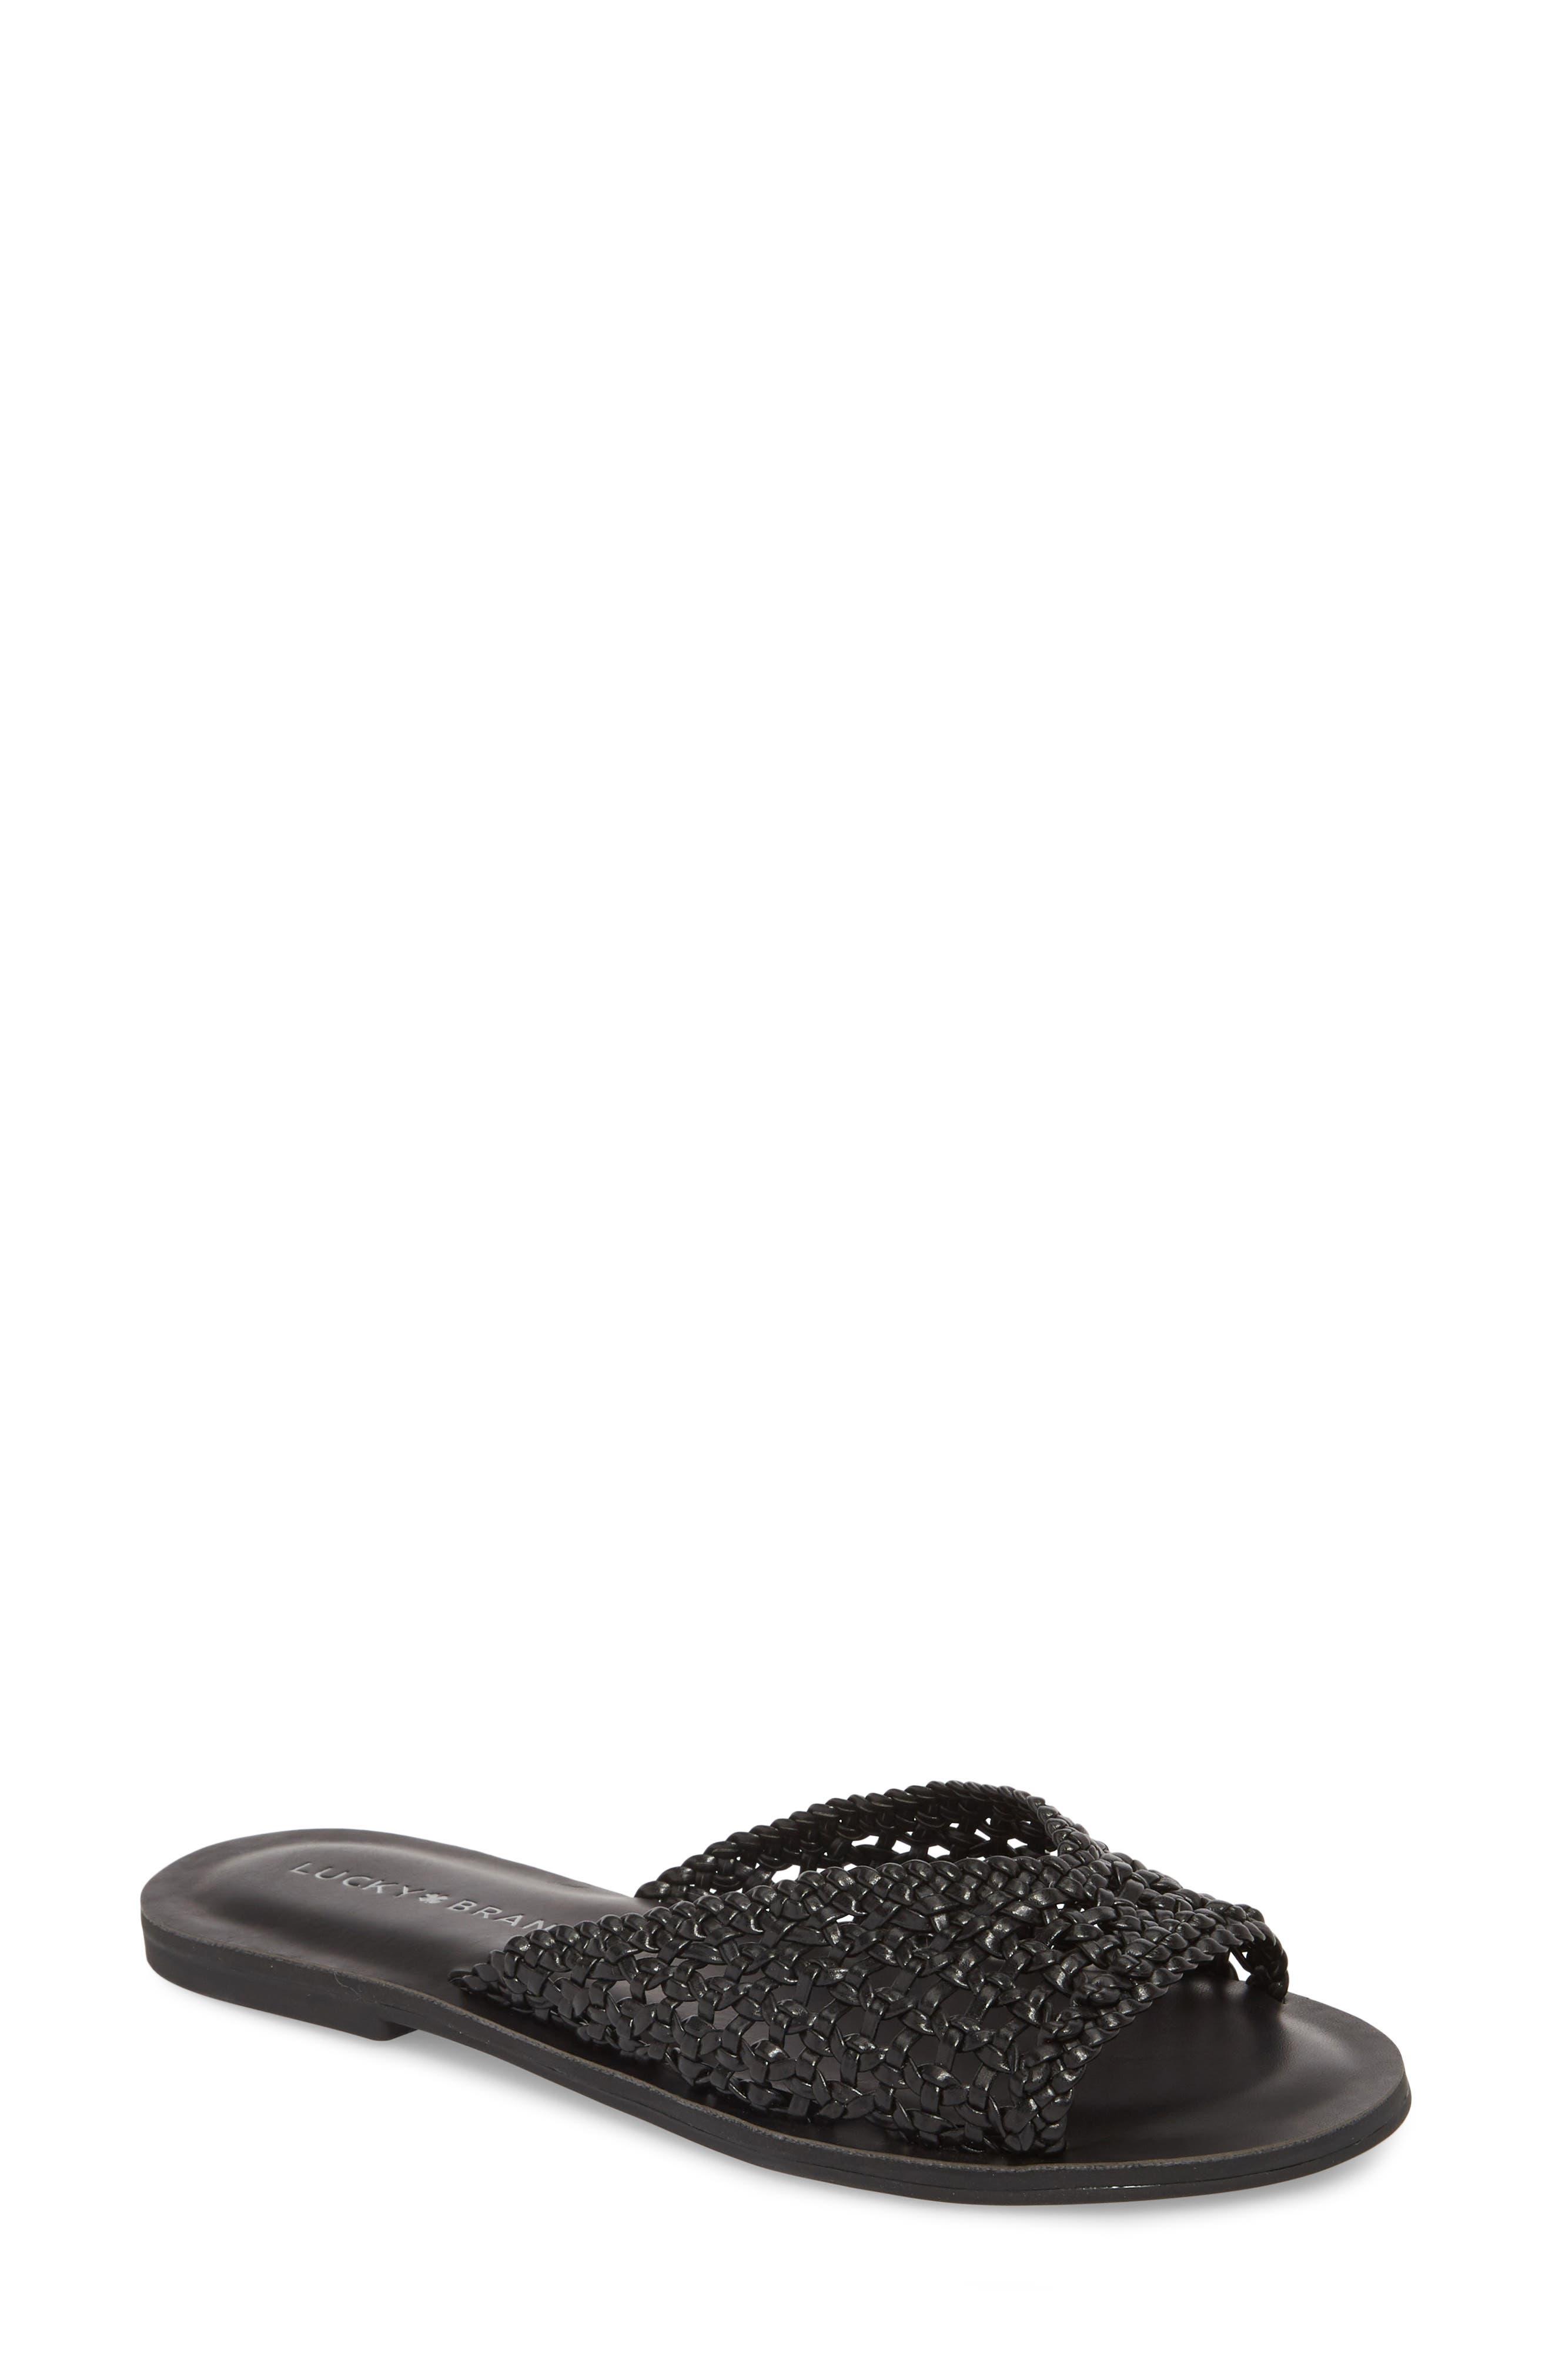 Adola Slide Sandal,                         Main,                         color, BLACK LEATHER